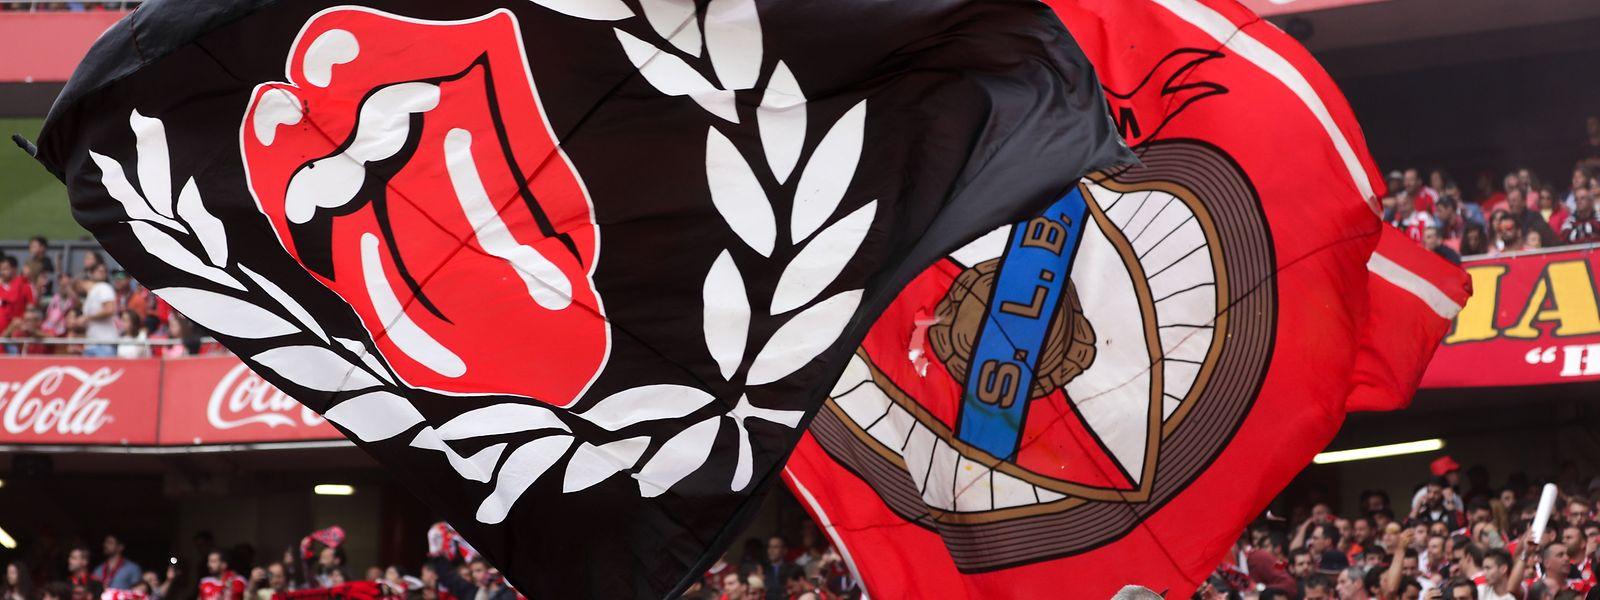 Pela primeira vez na sua história, o Benfica alcança o tetracampeonato